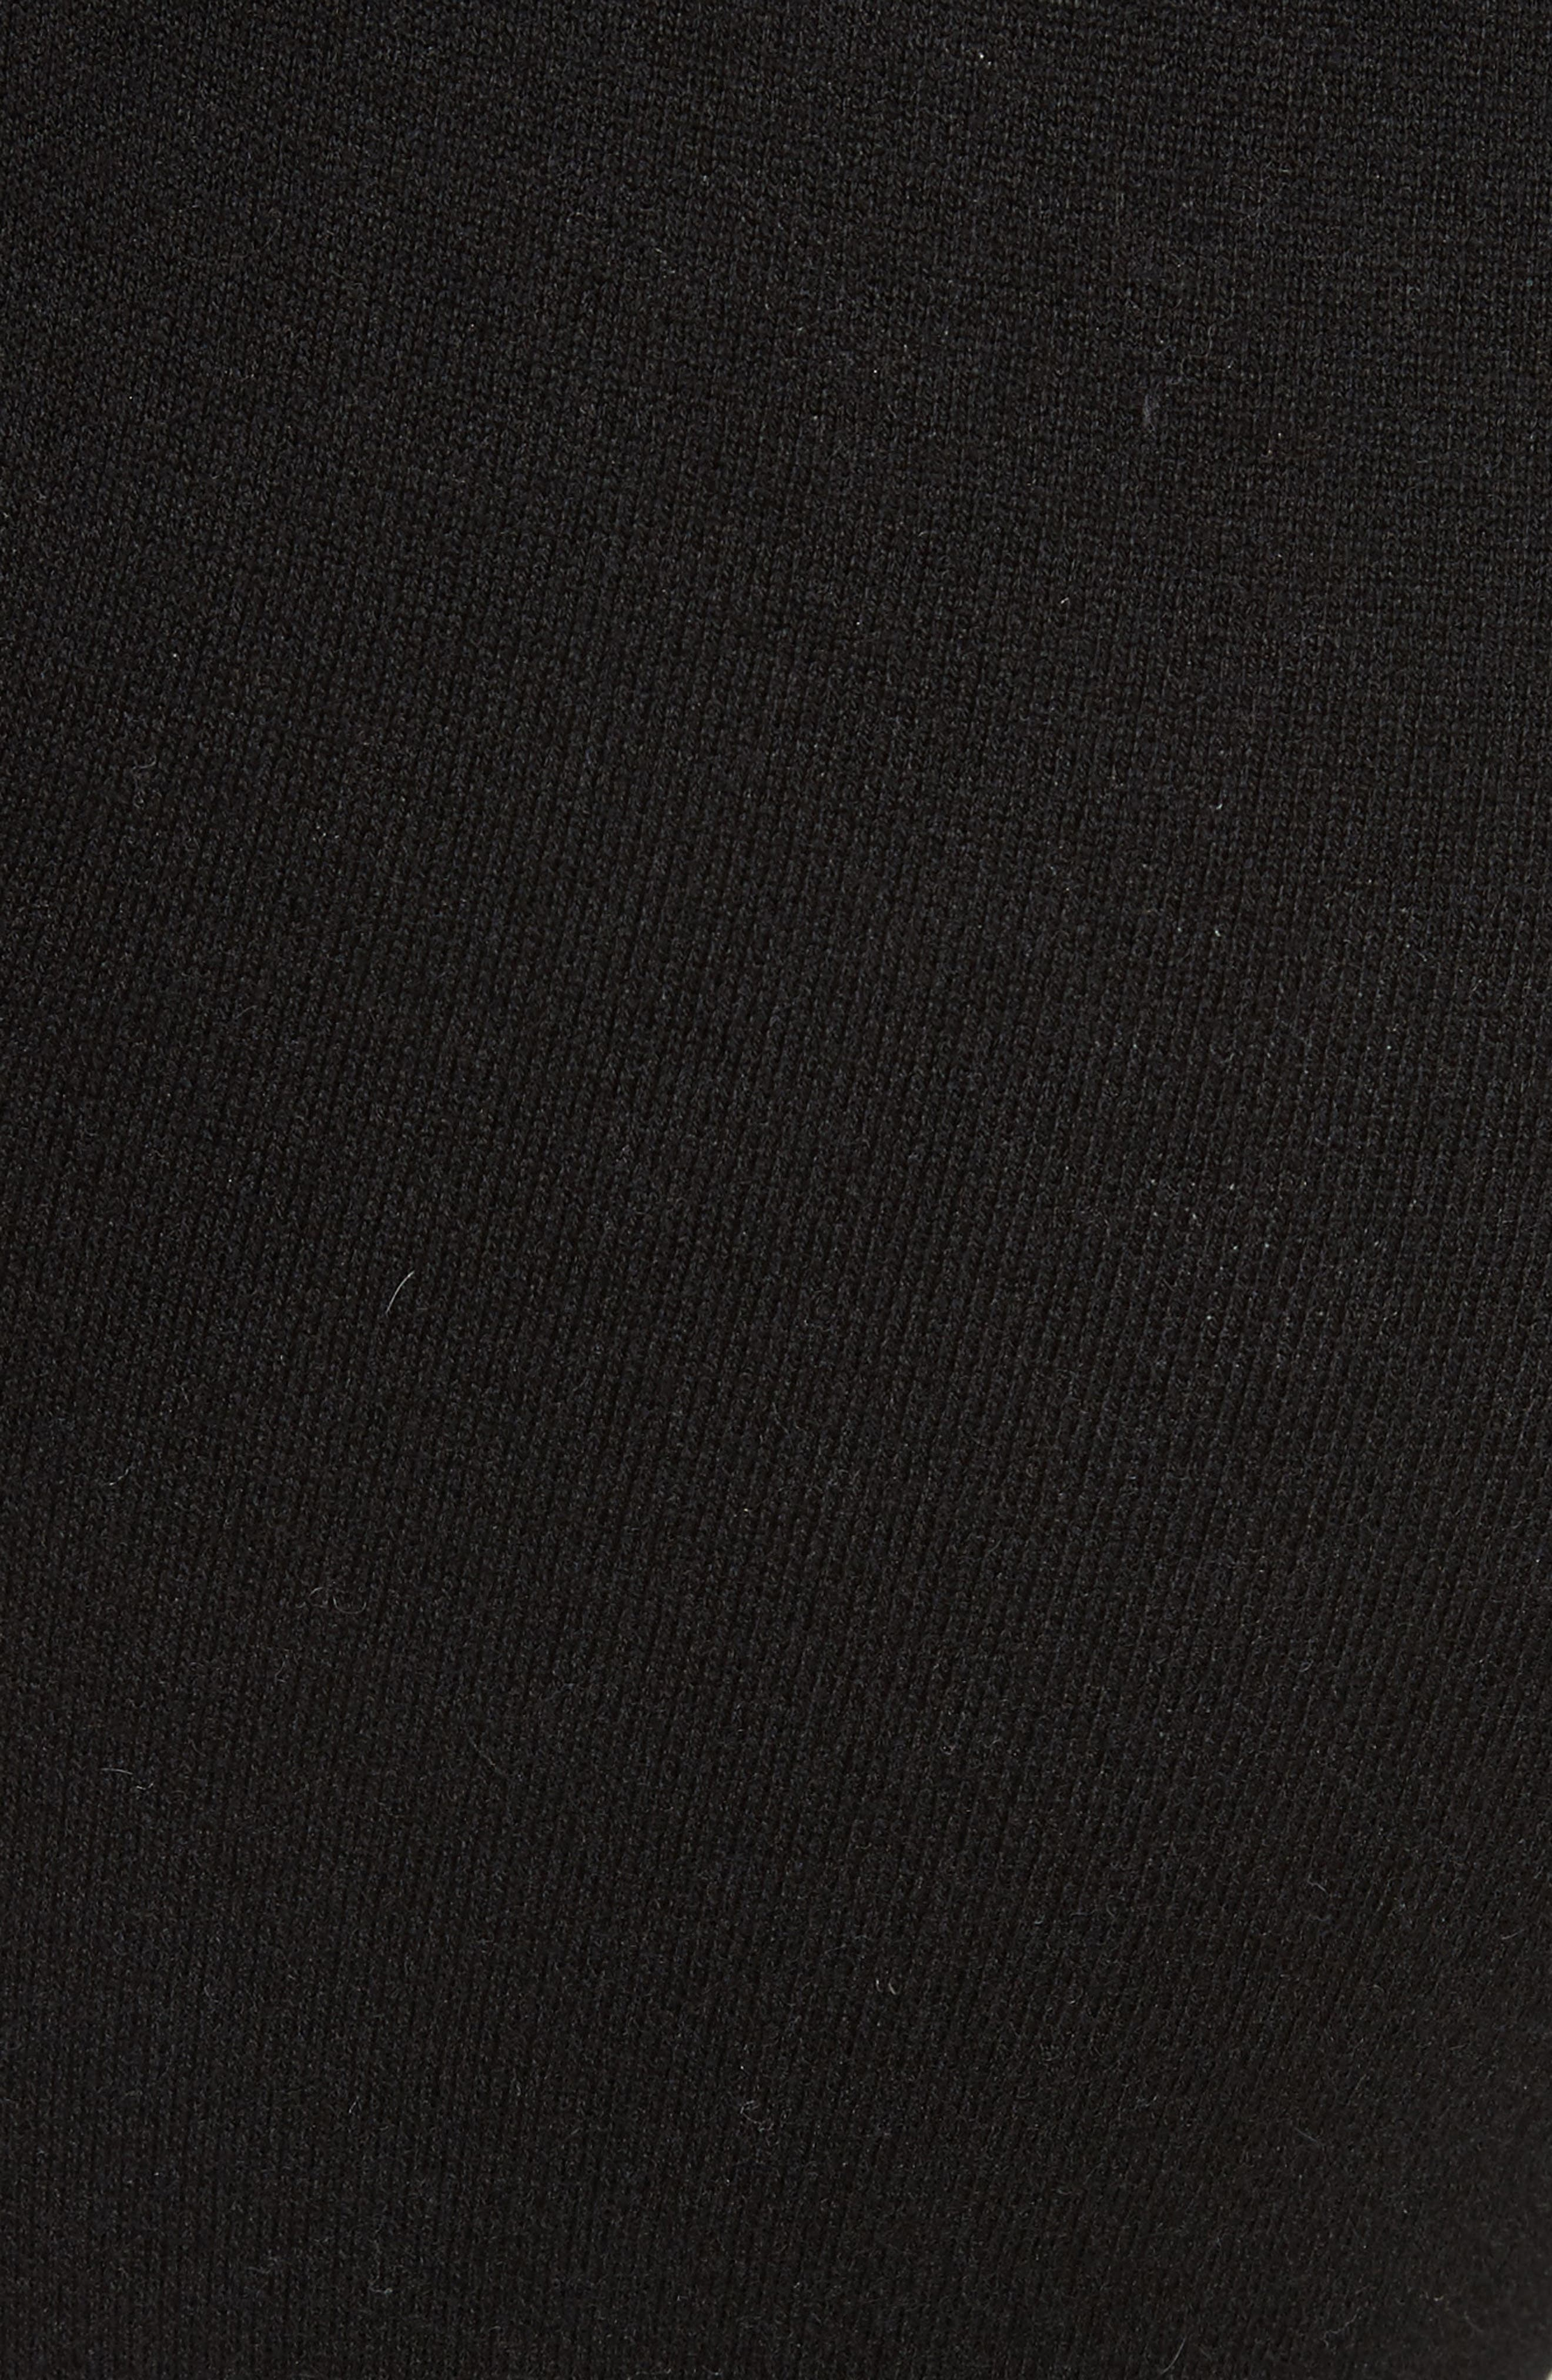 Cotton Blend Knit Sweatpants,                             Alternate thumbnail 6, color,                             Black/ Foggy